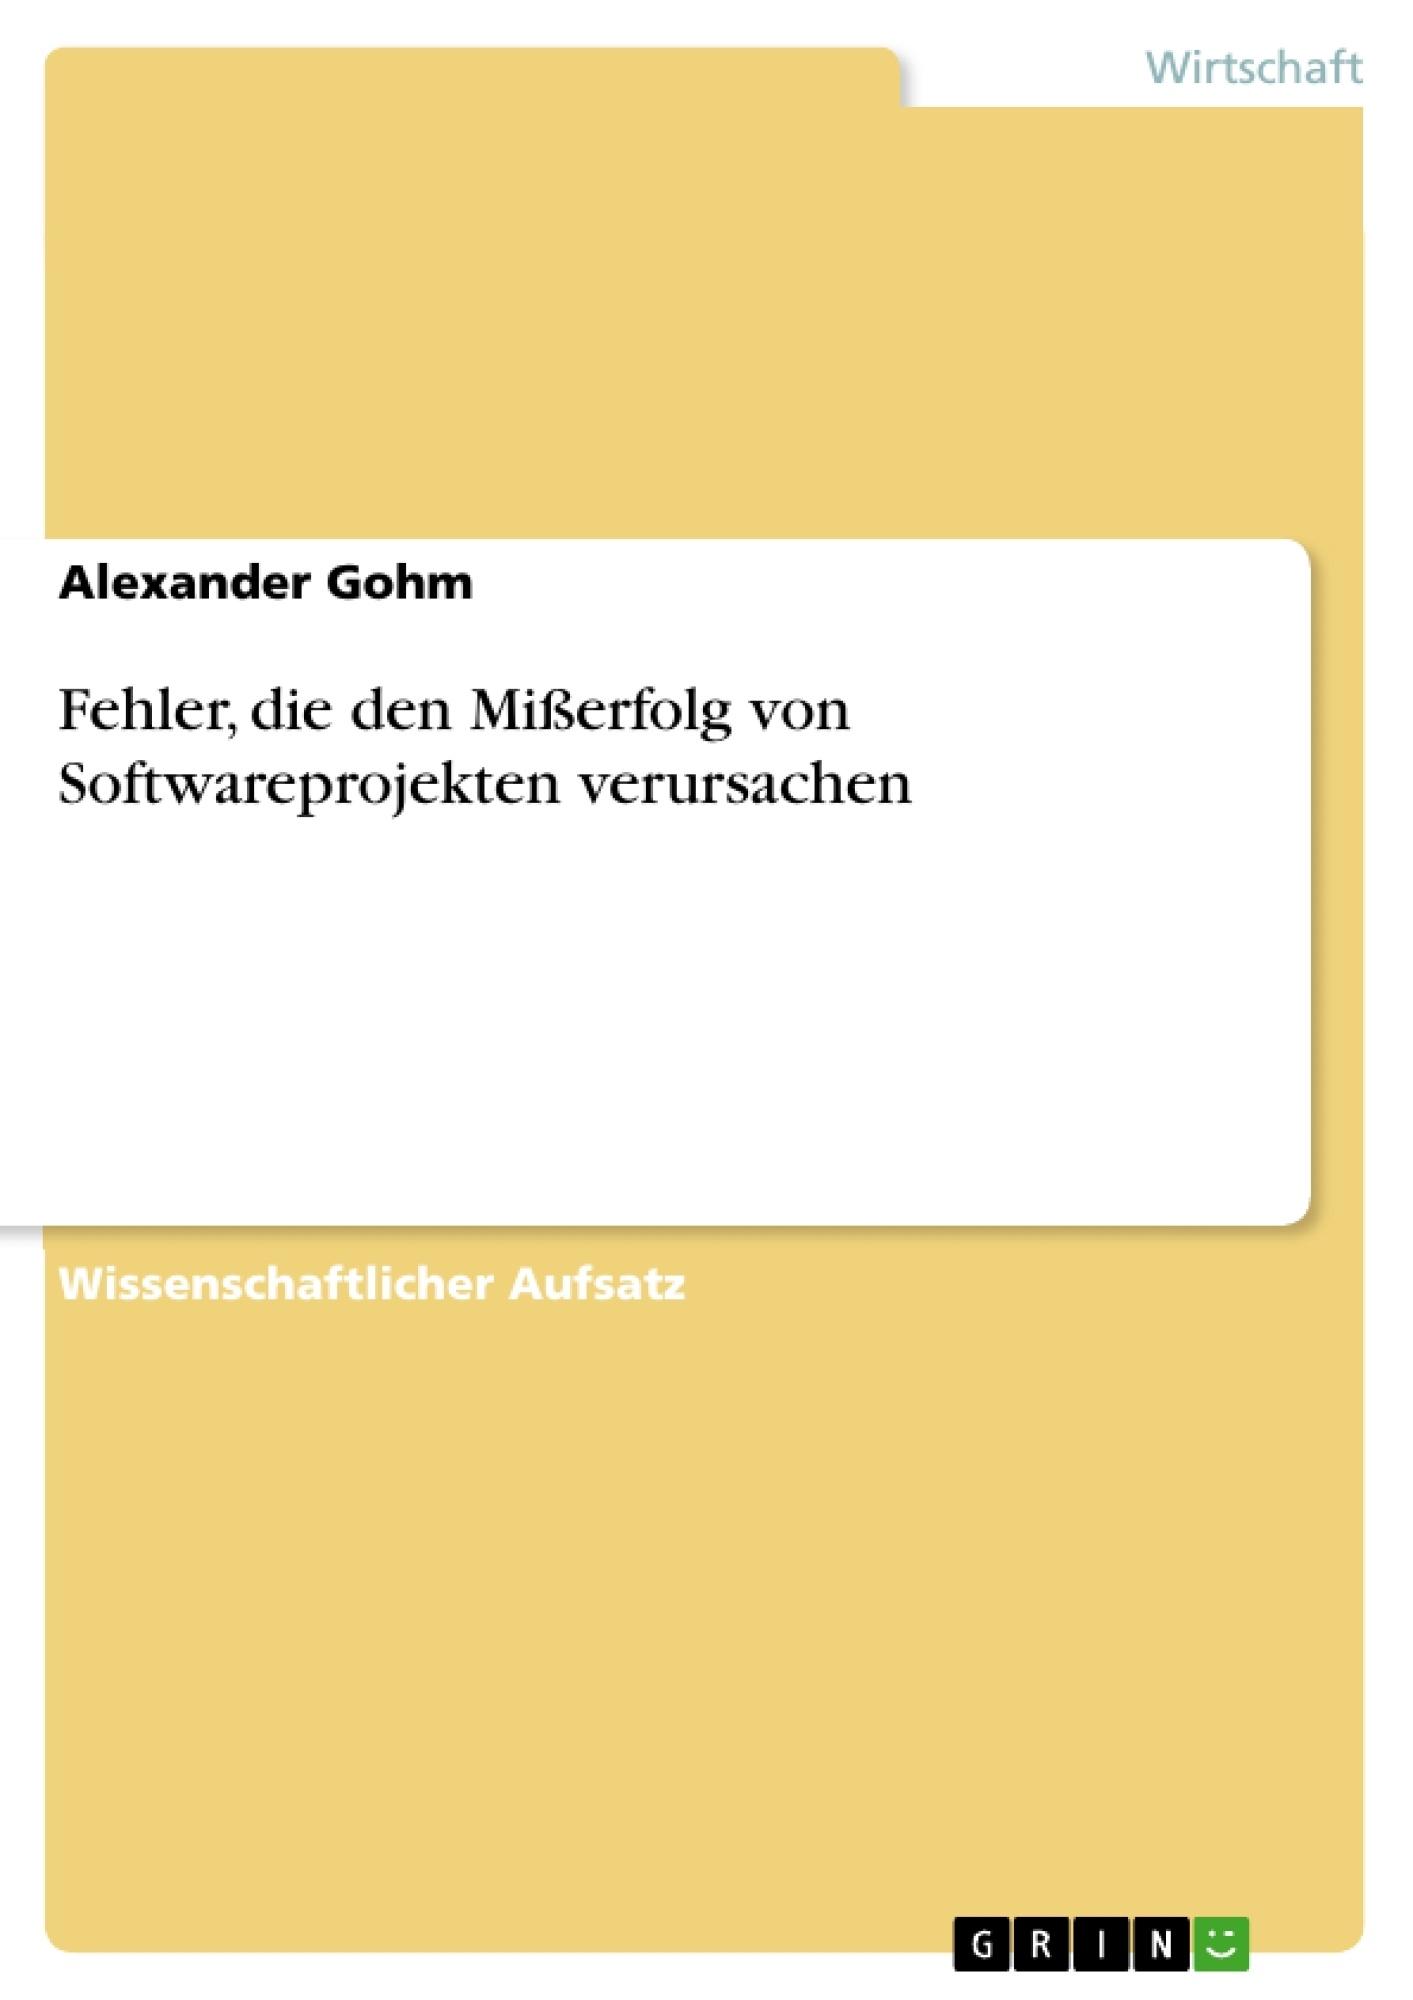 Titel: Fehler, die den Mißerfolg von Softwareprojekten verursachen